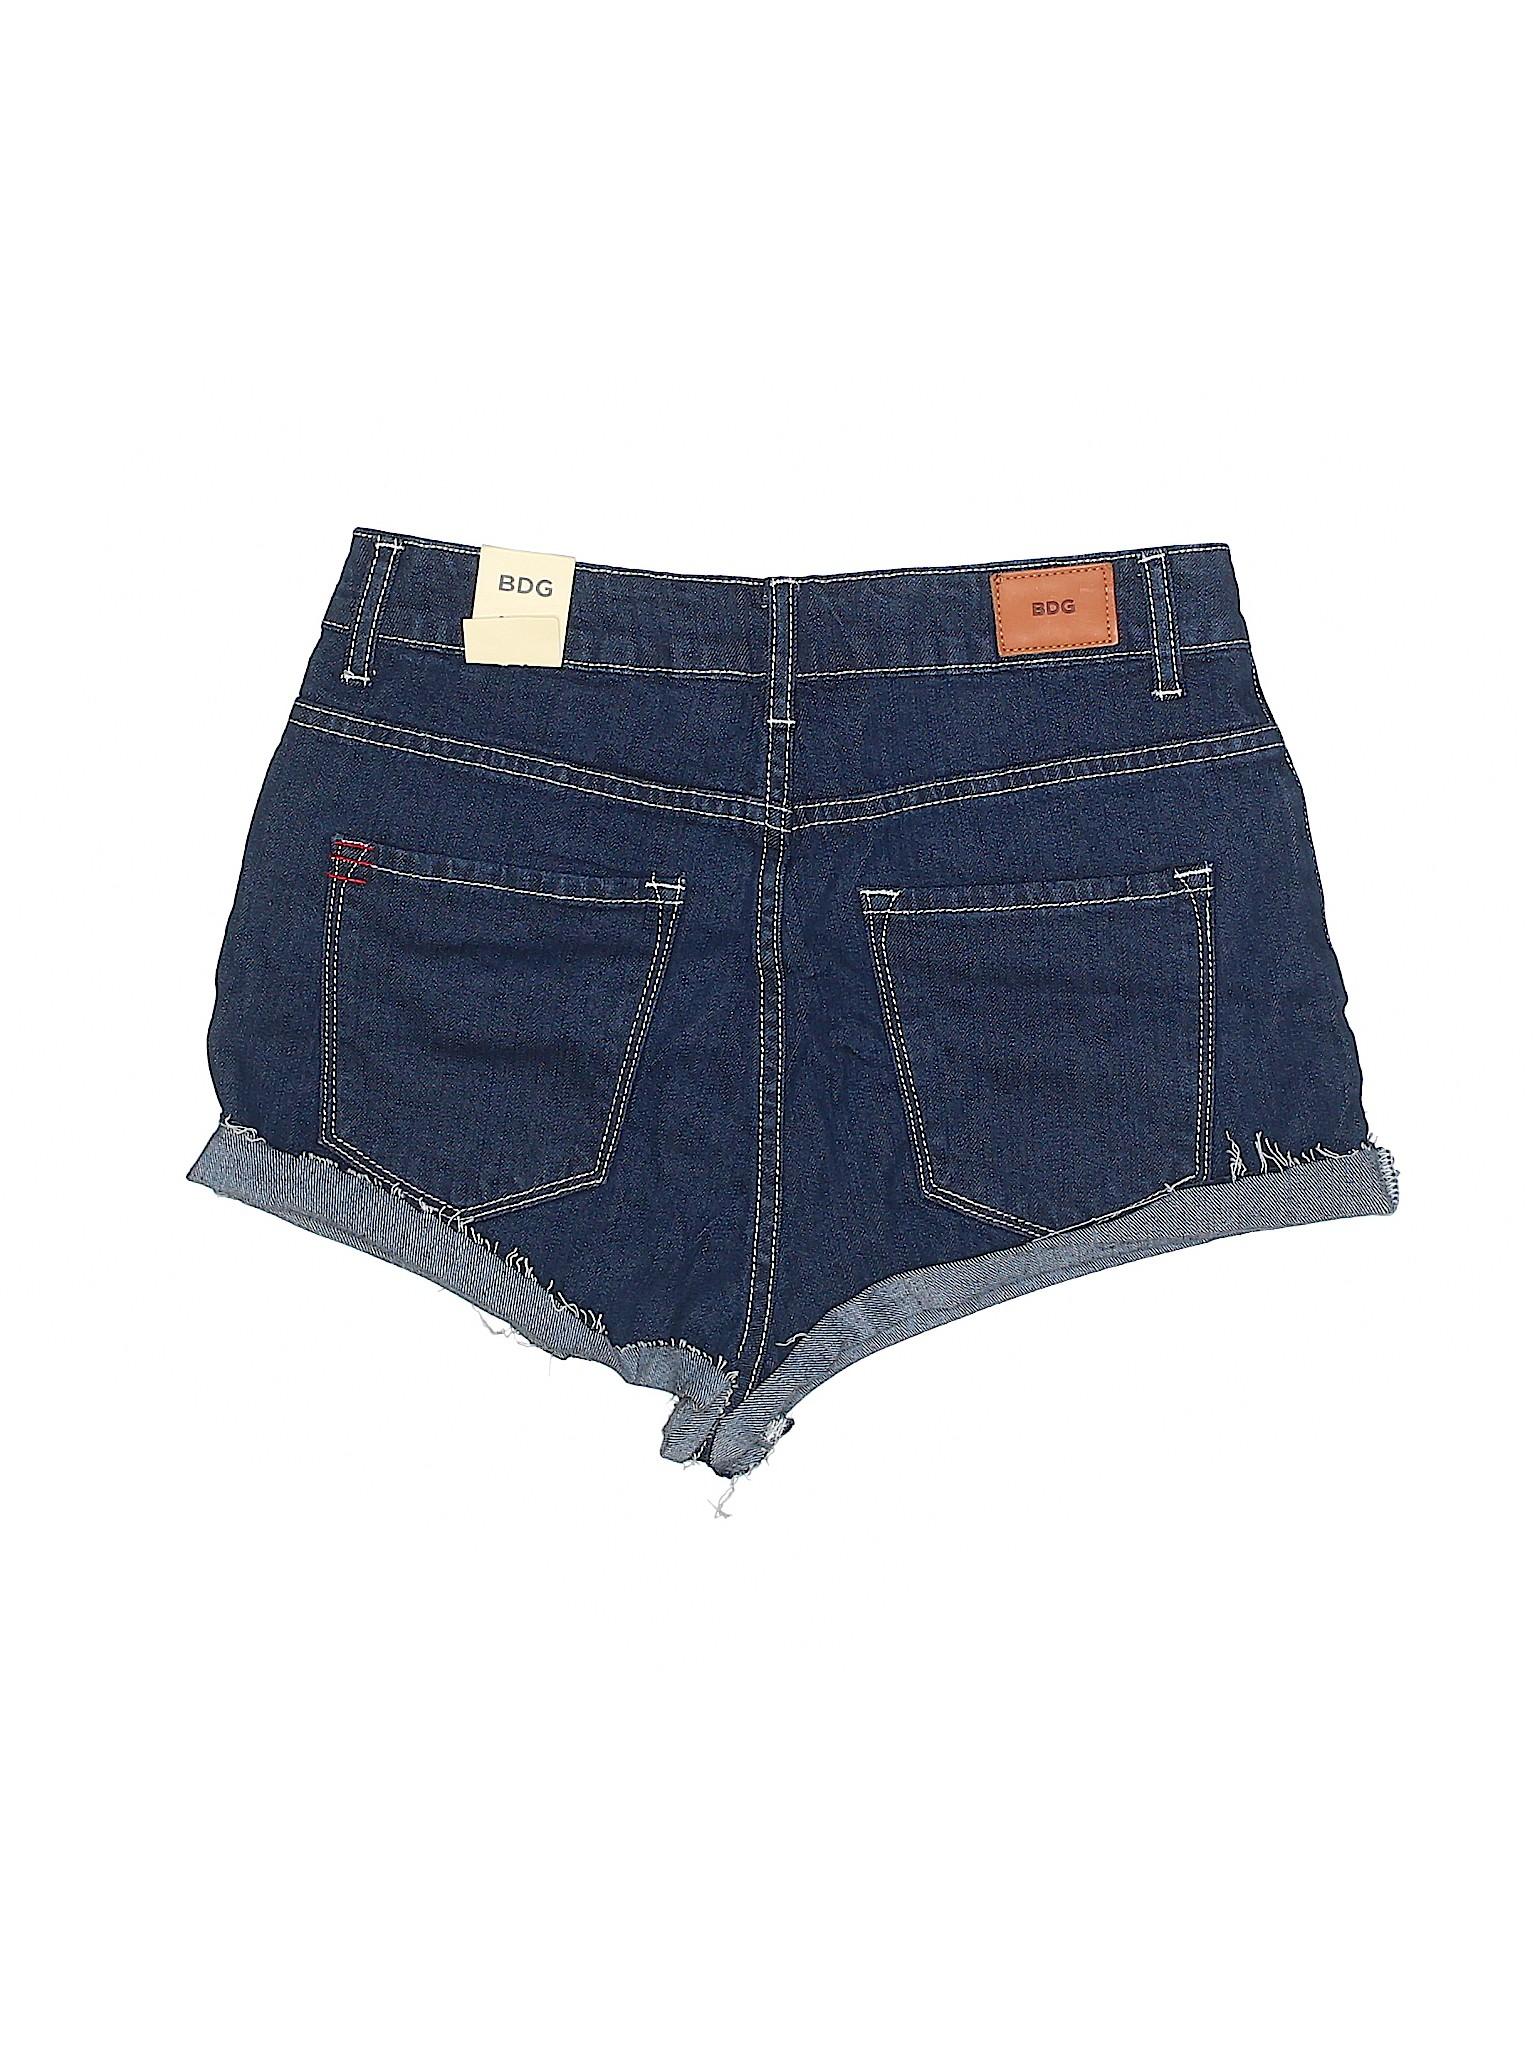 BDG Denim Boutique Denim BDG Shorts Boutique Boutique Boutique BDG Denim Shorts Shorts BDG aq4awF6